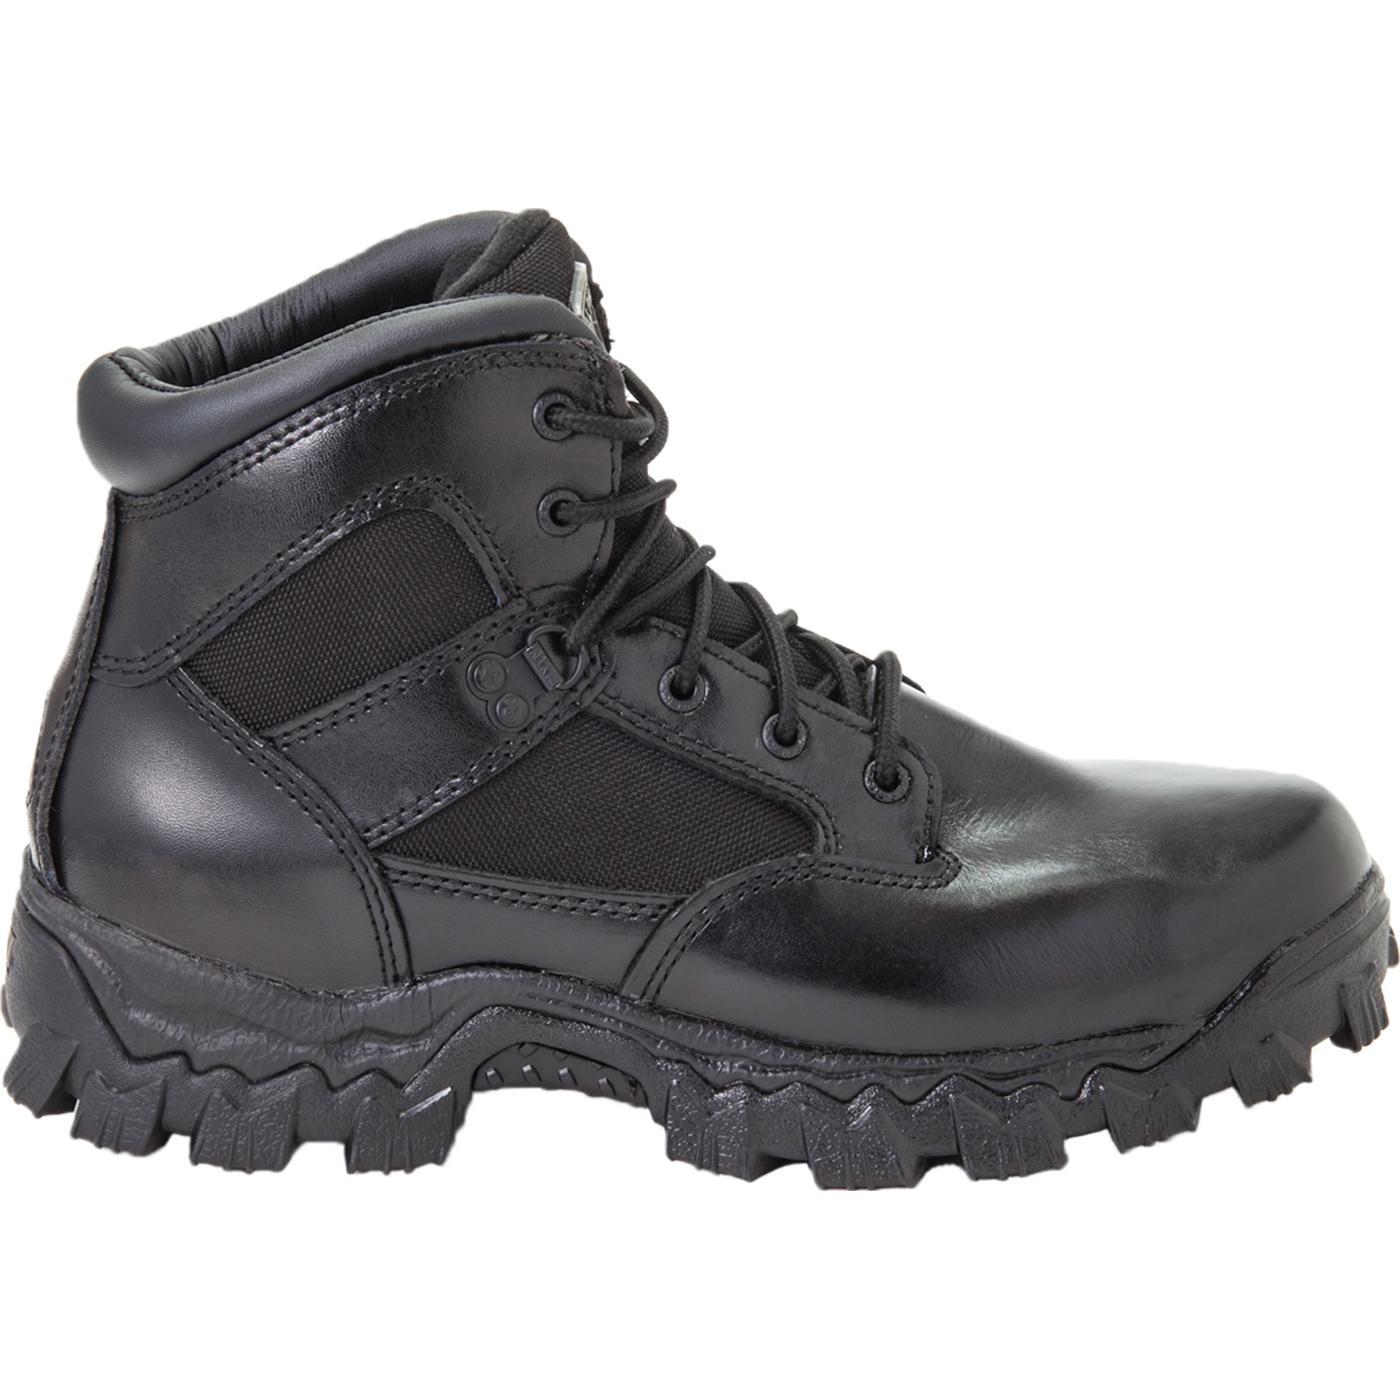 Rocky AlphaForce Safety Toe Black Waterproof Duty Boot, FQ0006168